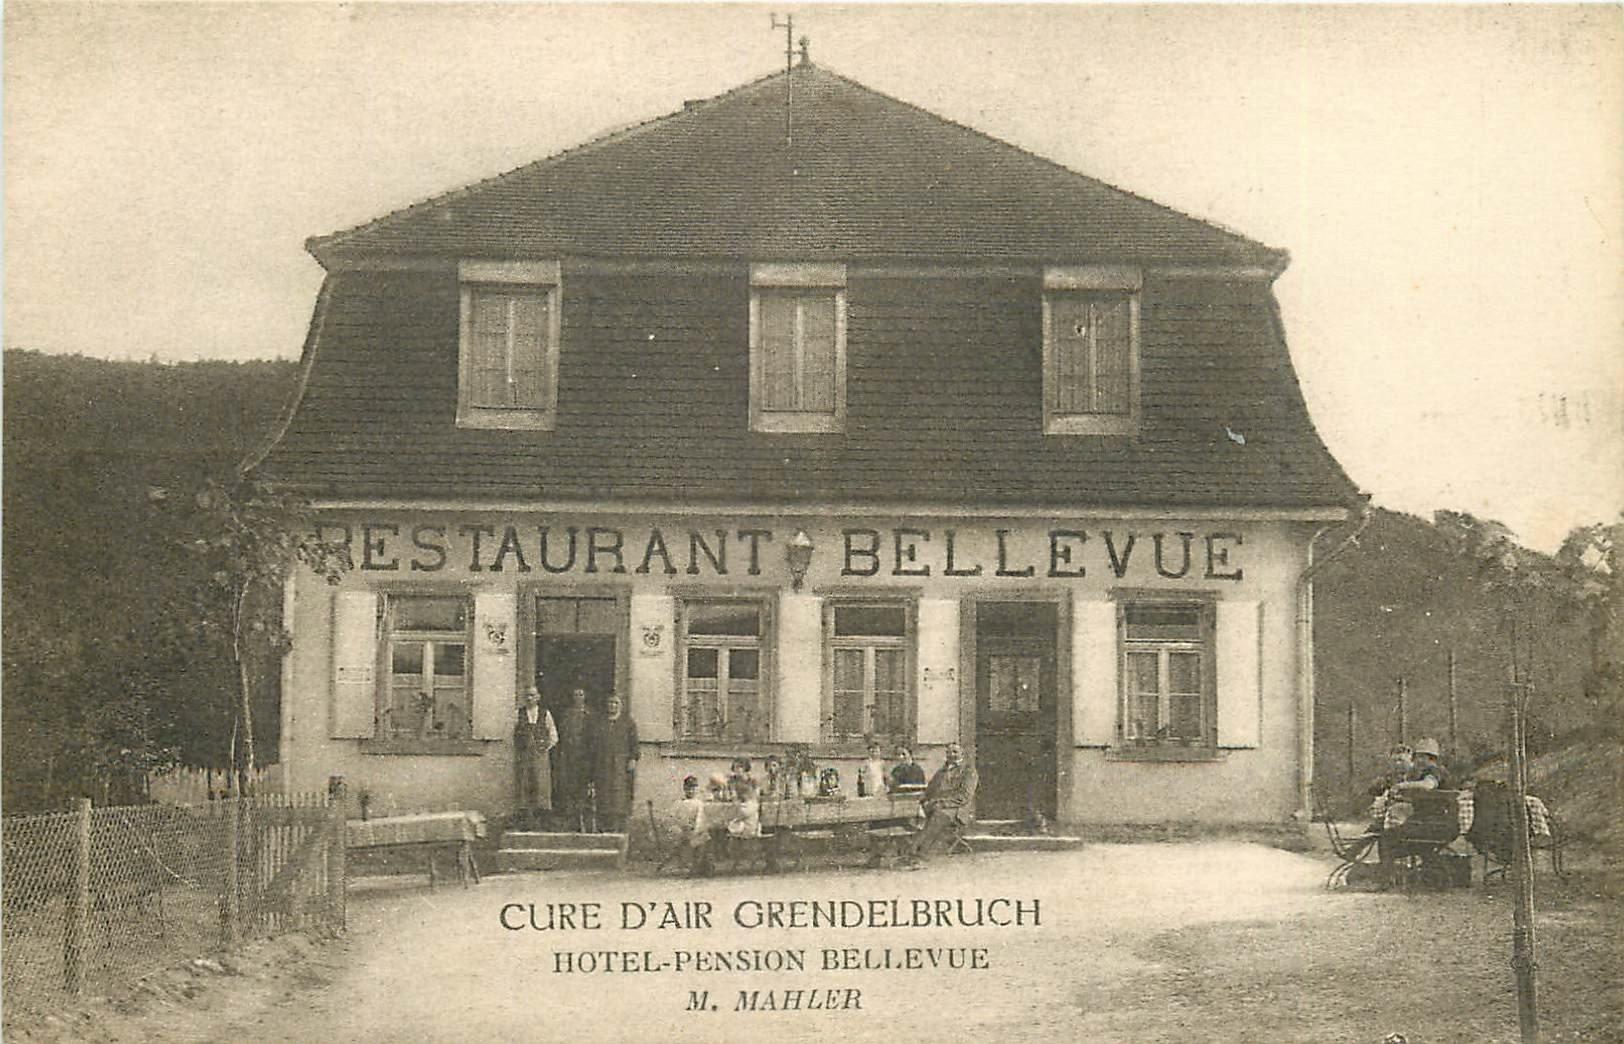 67 GRENDELBRUCH. Hôtel Pension Restaurant Bellevue tenu par Mahler